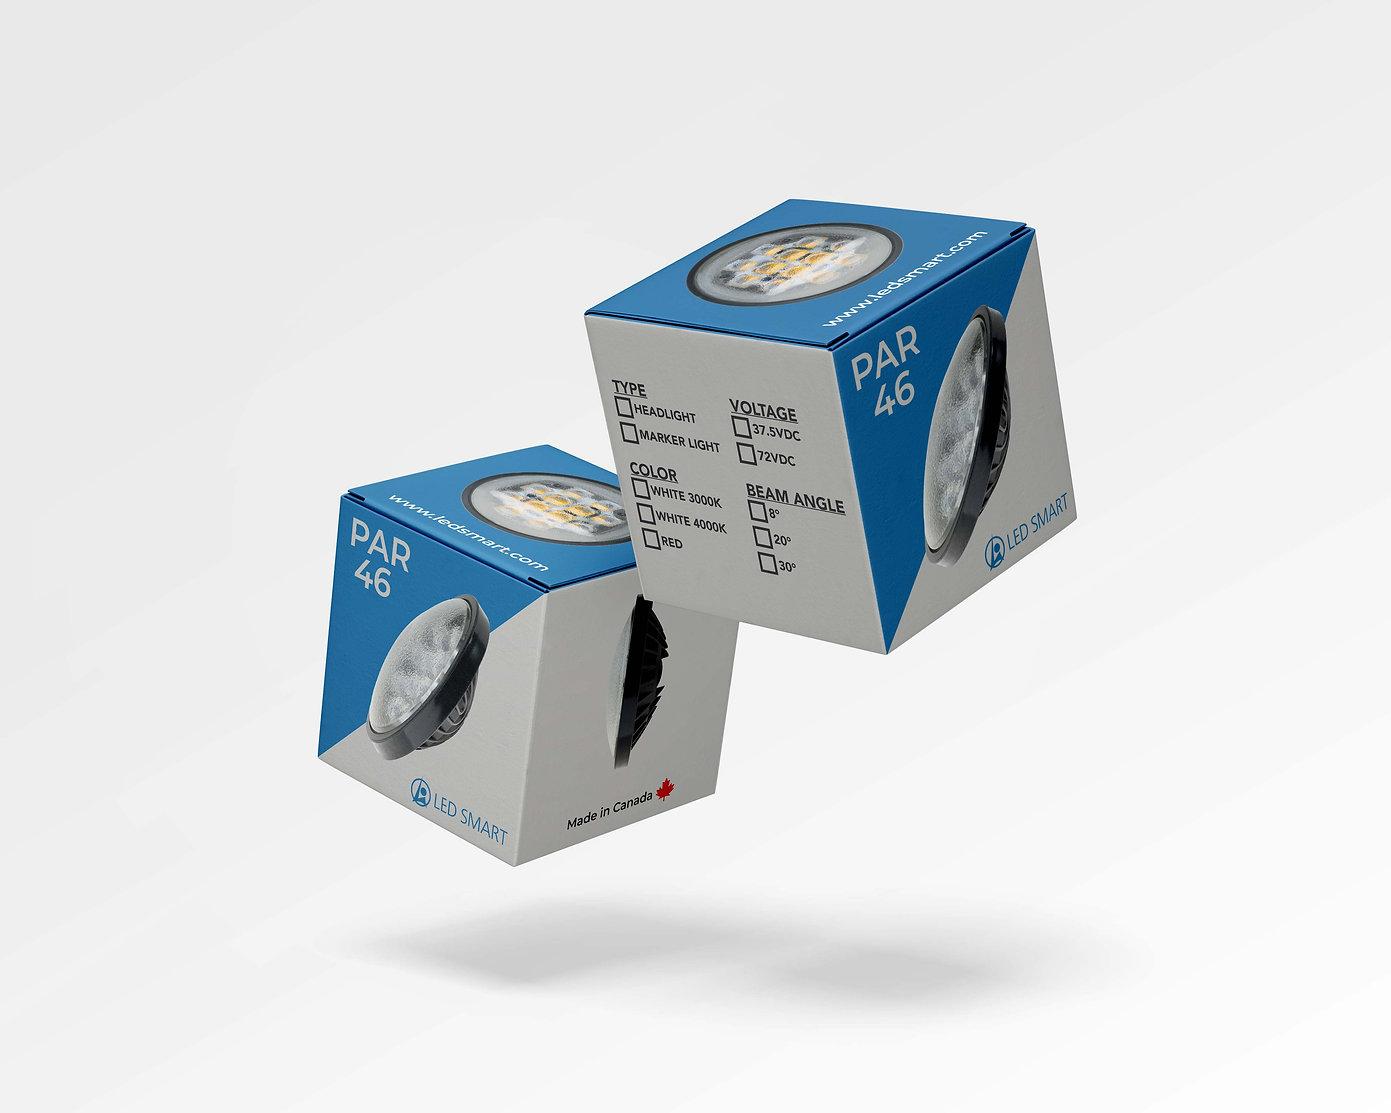 PAR 46 Headlight packaging